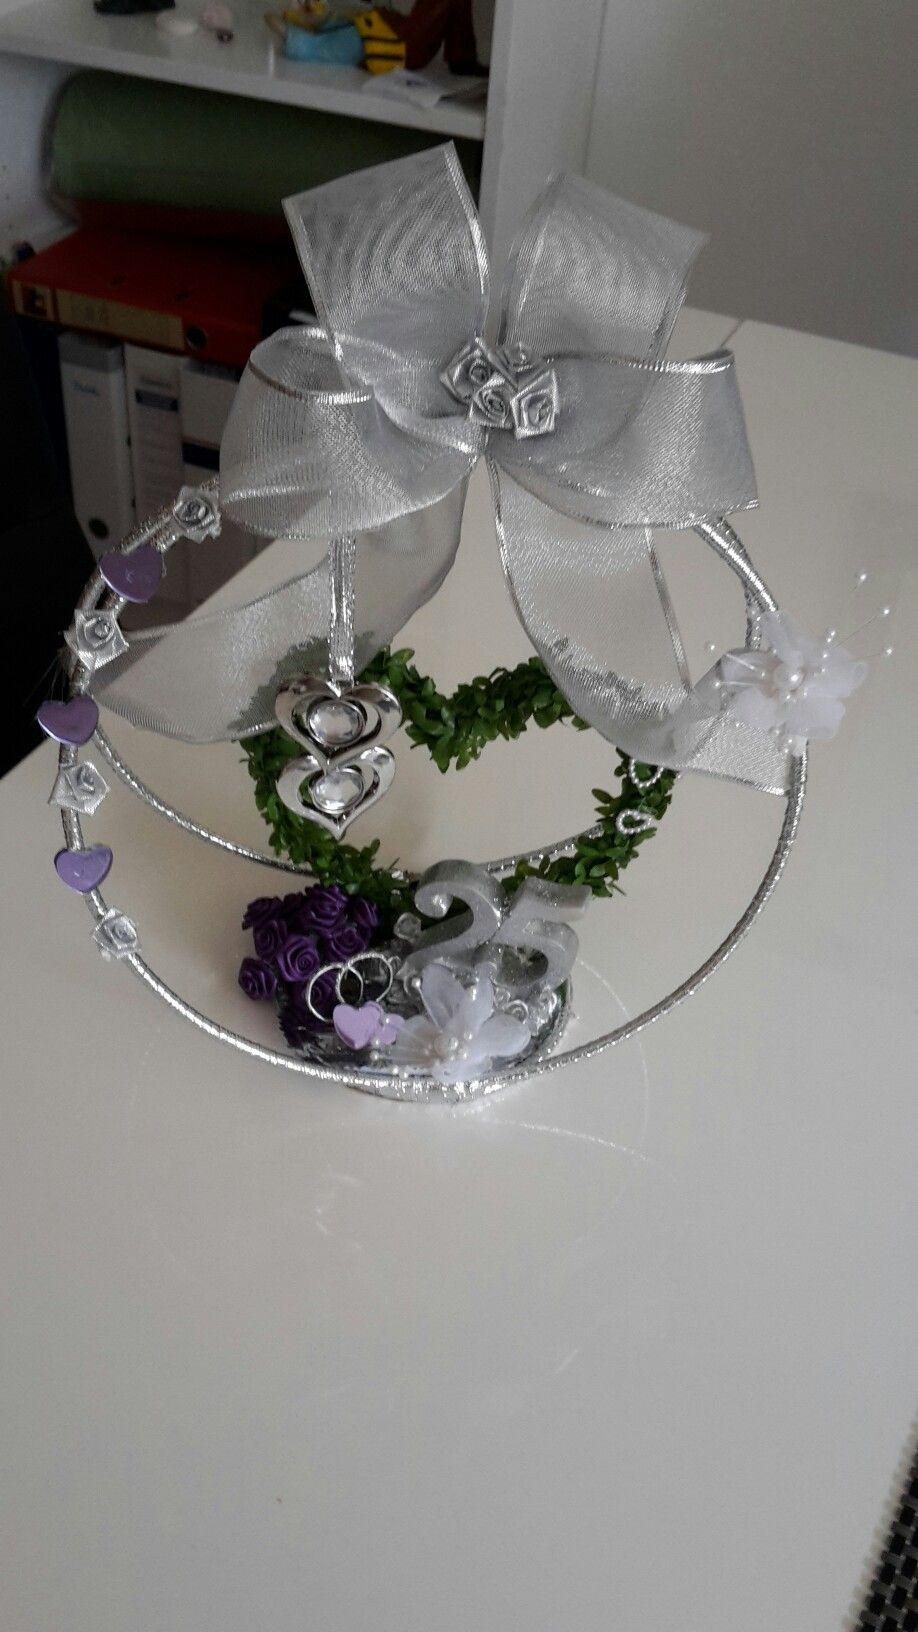 Geschenk zur silberhochzeit krone selbst gebastelt basteln pinterest - Silberhochzeit geschenke ideen ...